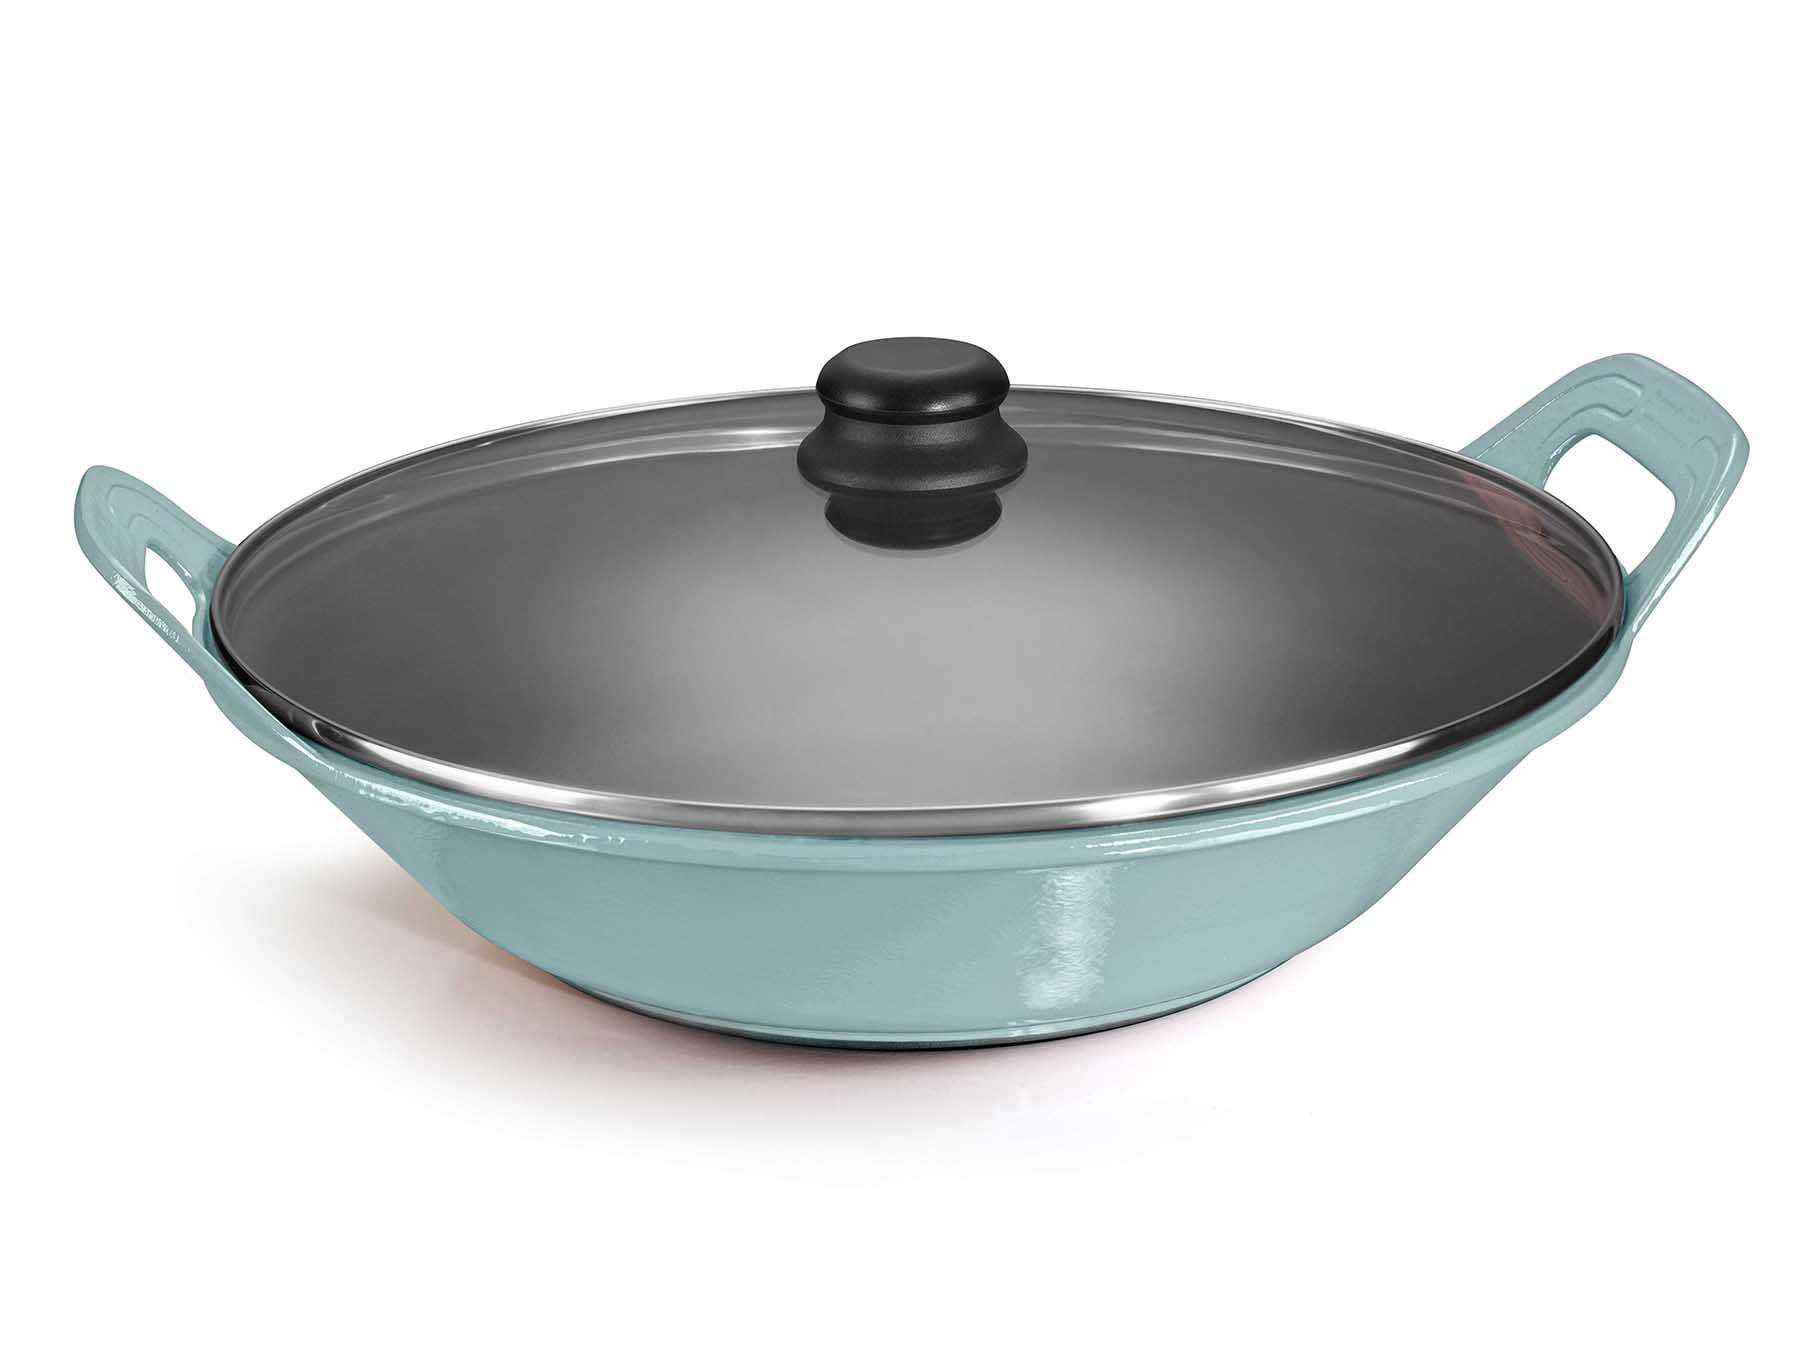 panela de ferro fundido azul para risoto com tampa de vidro, risotto, paelleira de ferro, frigideira e assadeira 2,5 litros